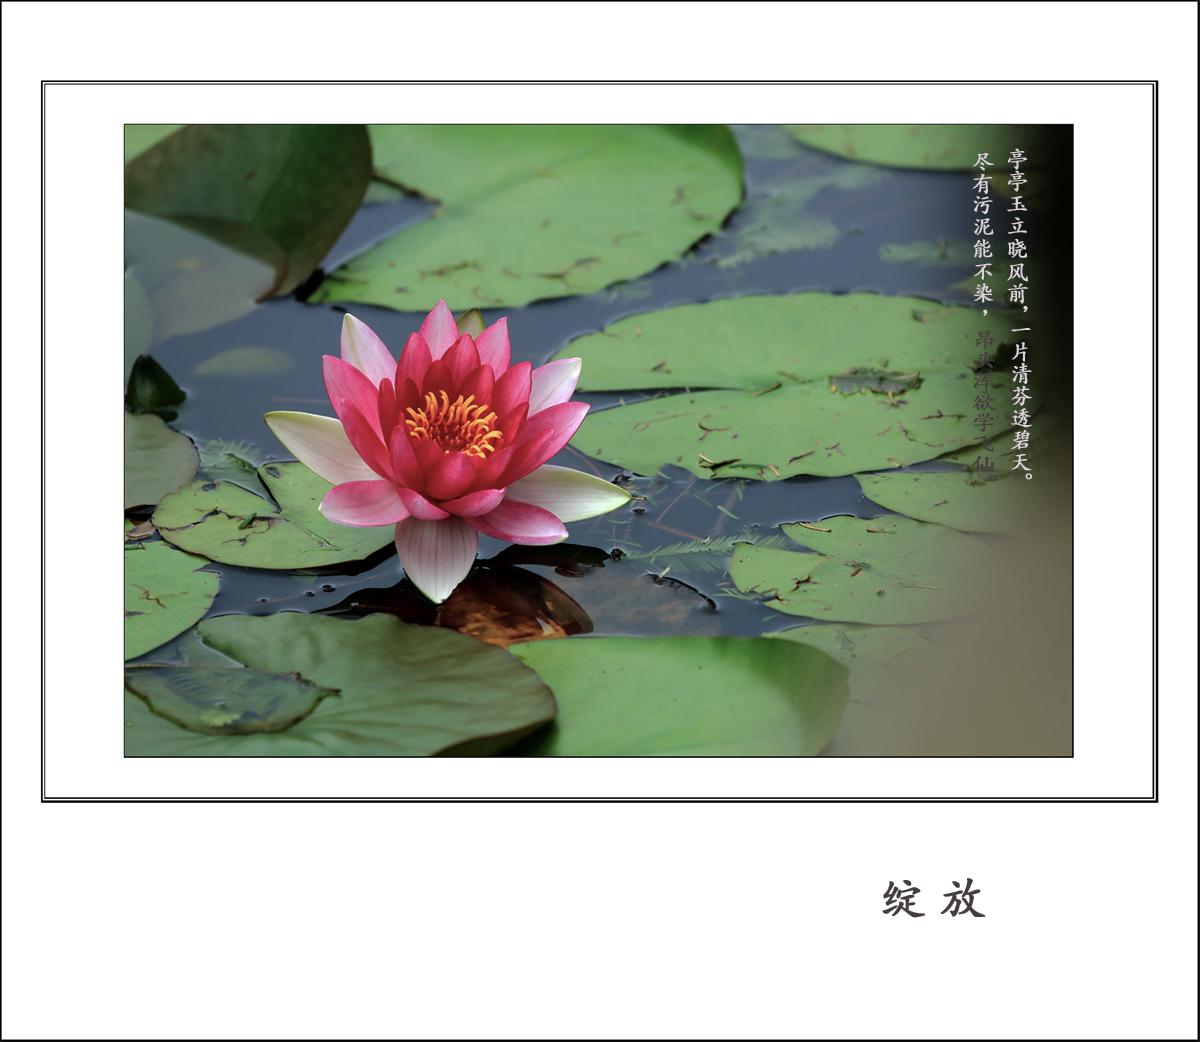 微微青山作品:睡 莲